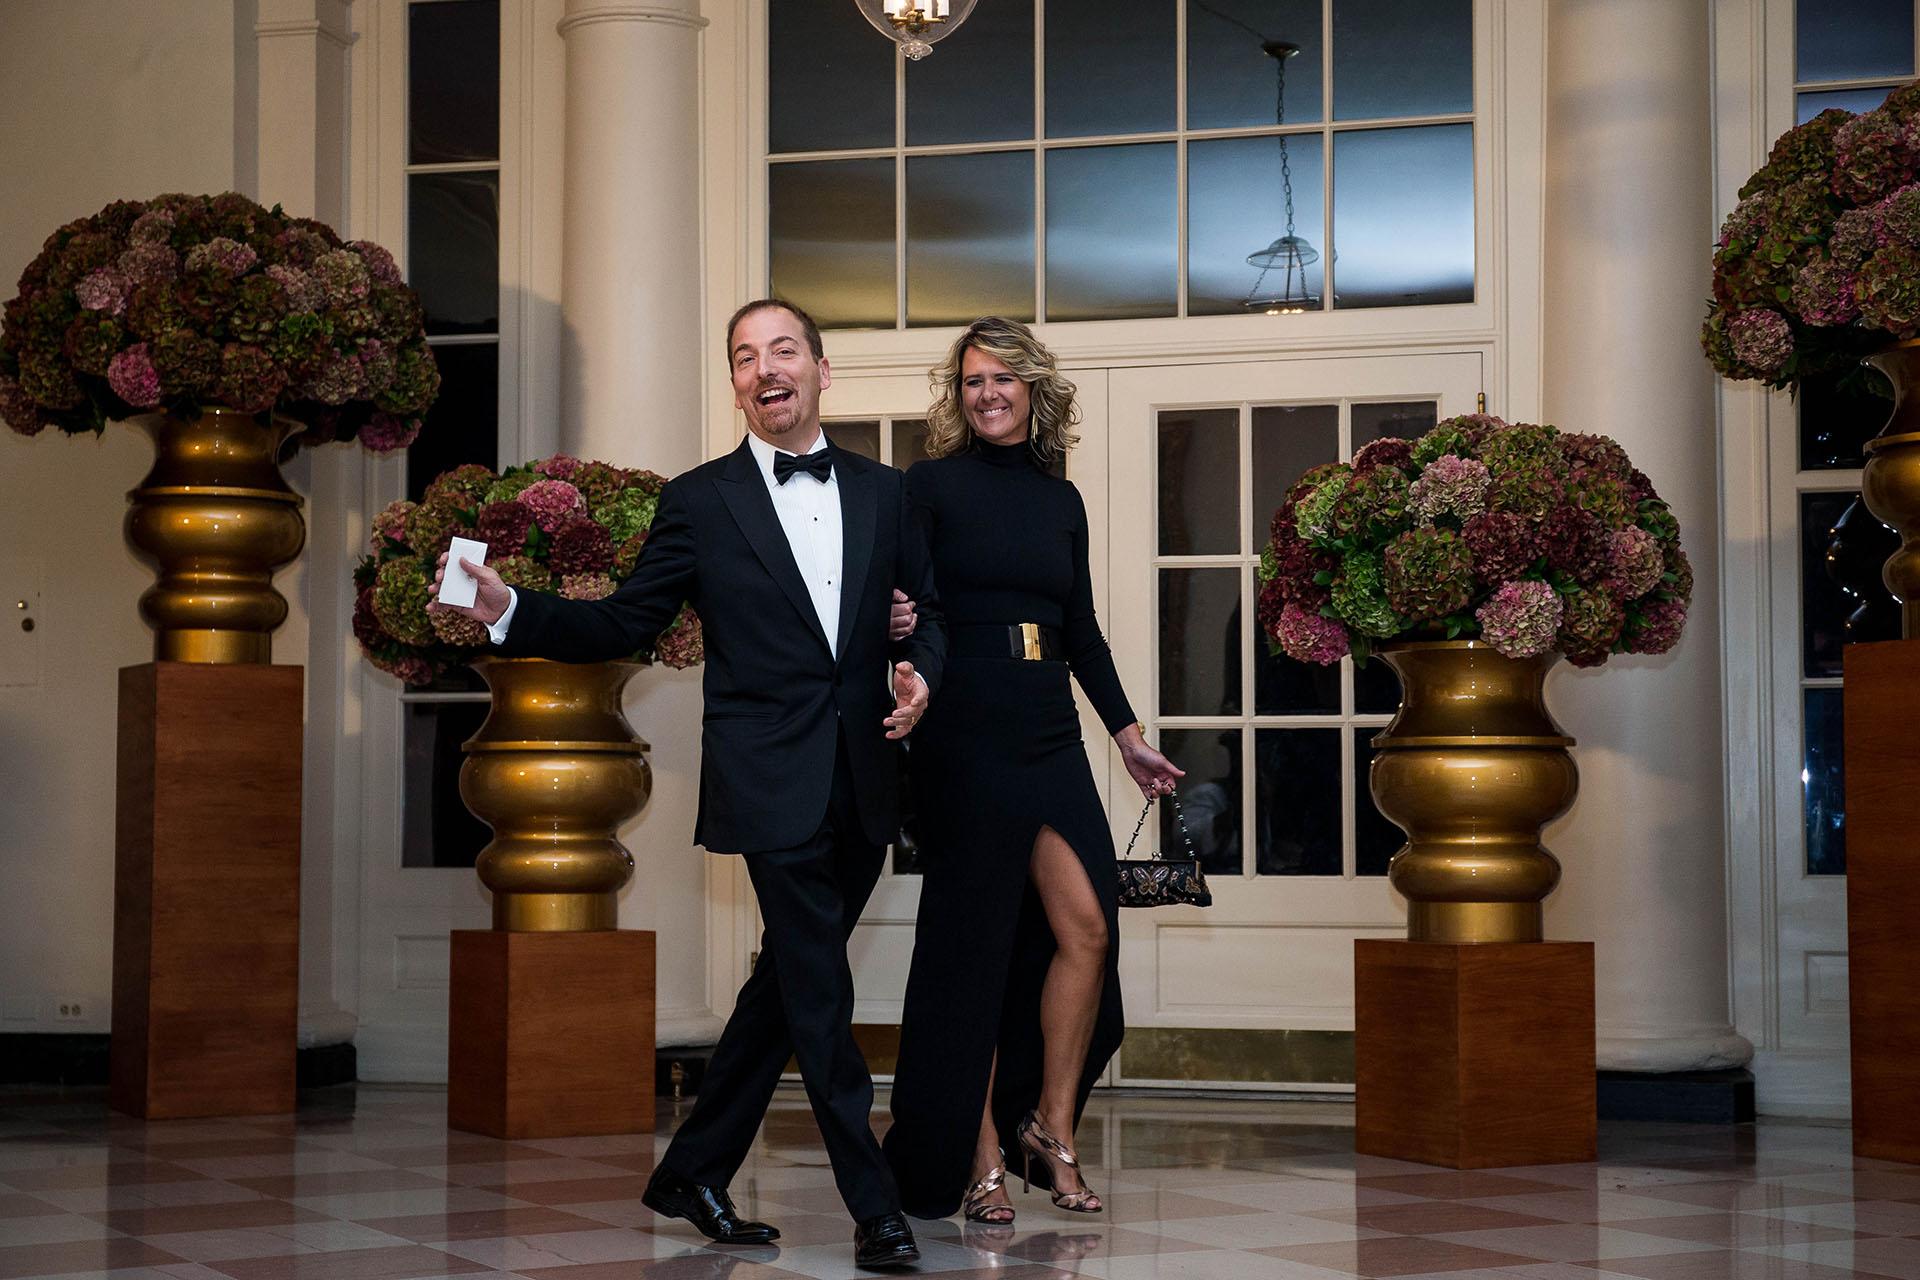 El periodista de la cadena NBC Chuck Todd junto a su mujer, Kristian Todd